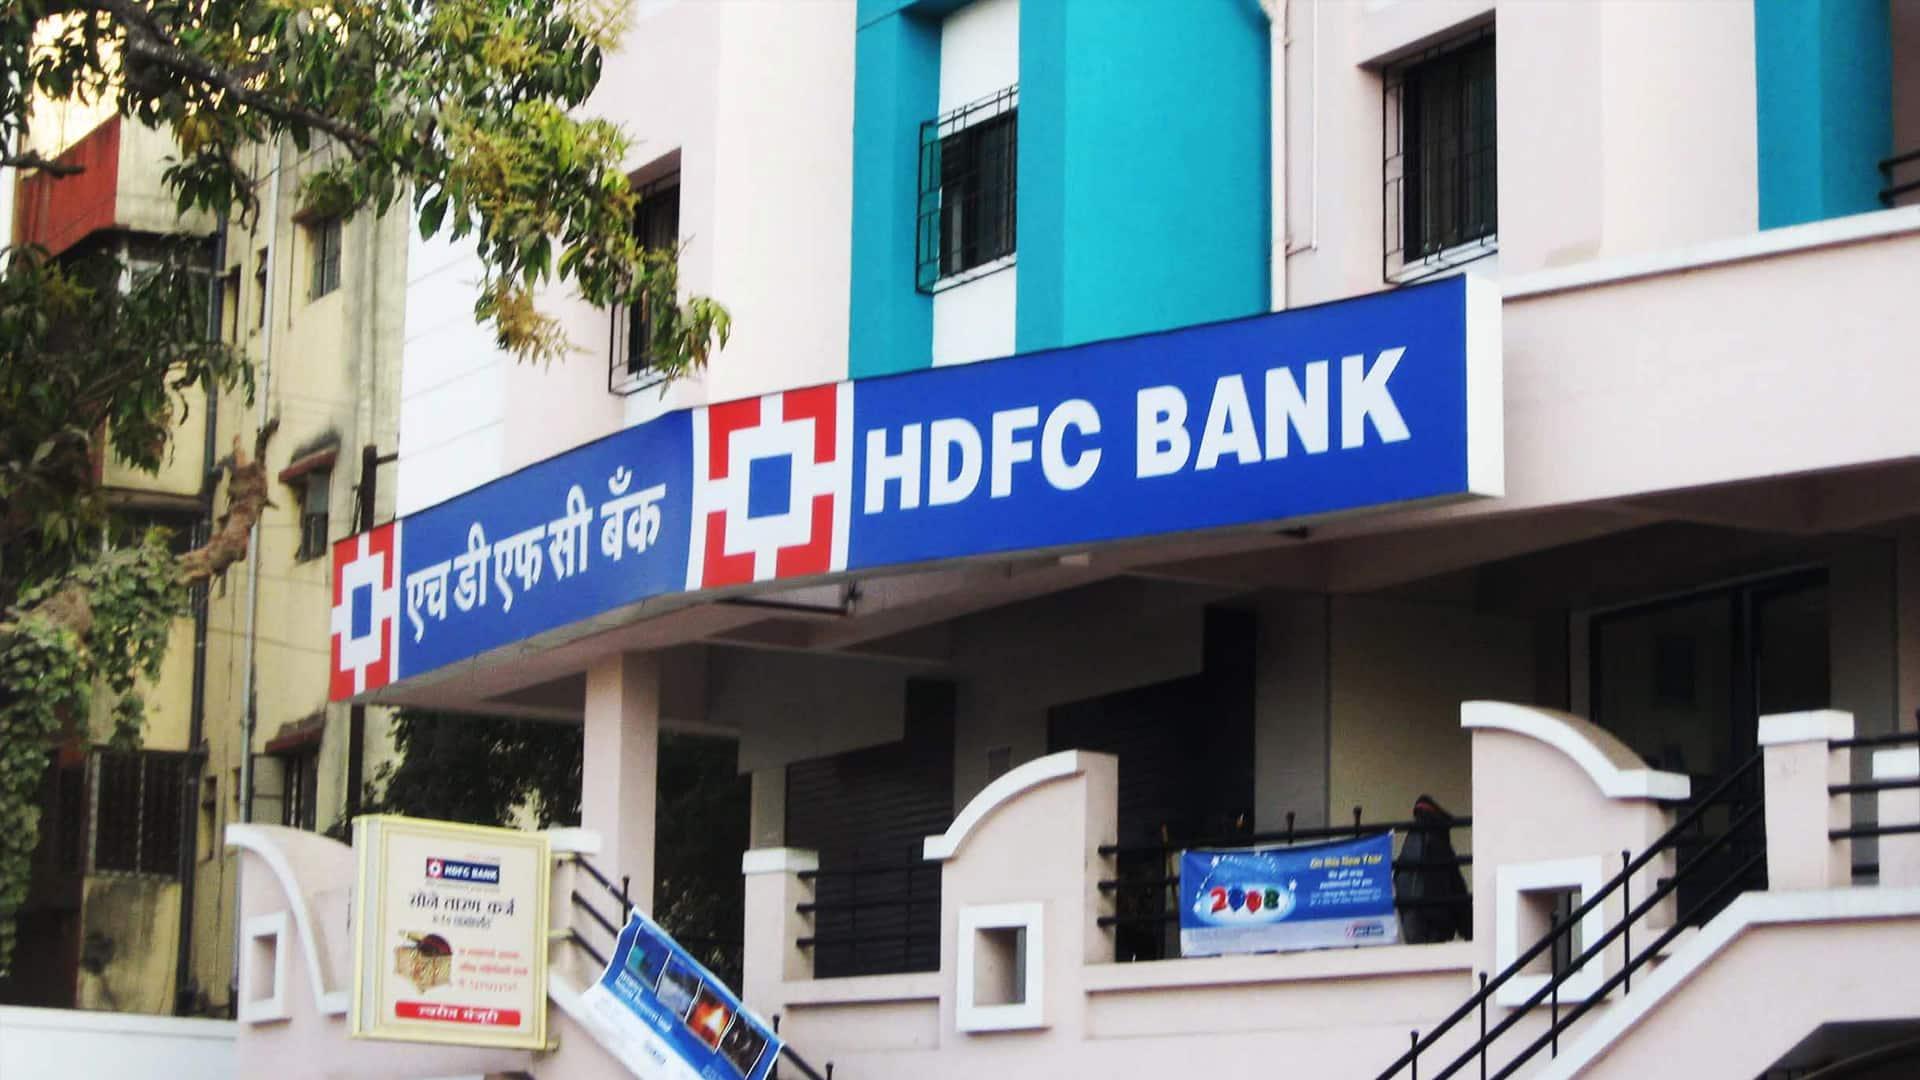 HDFC plans to raise Rs 6,000 crore via bonds